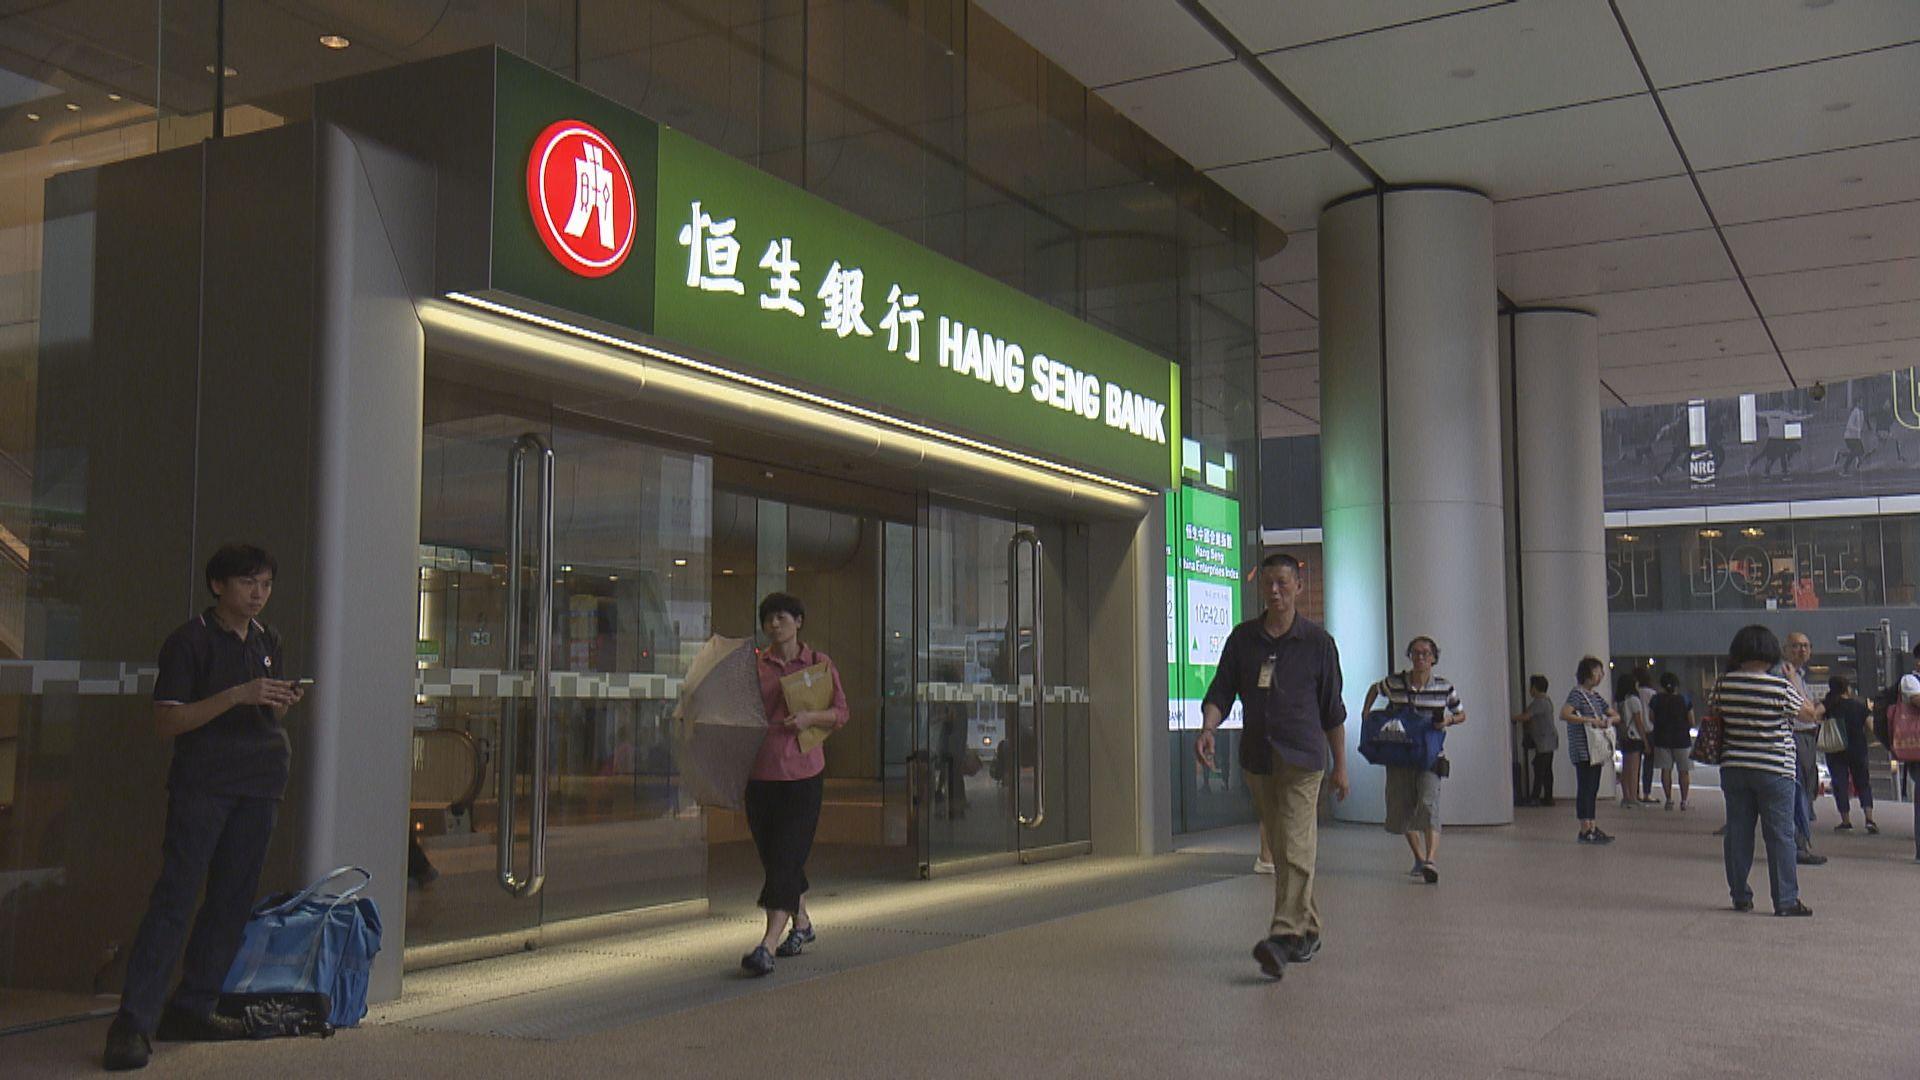 【銀行援助】恒生:數百中小企客戶 對支援措施感興趣